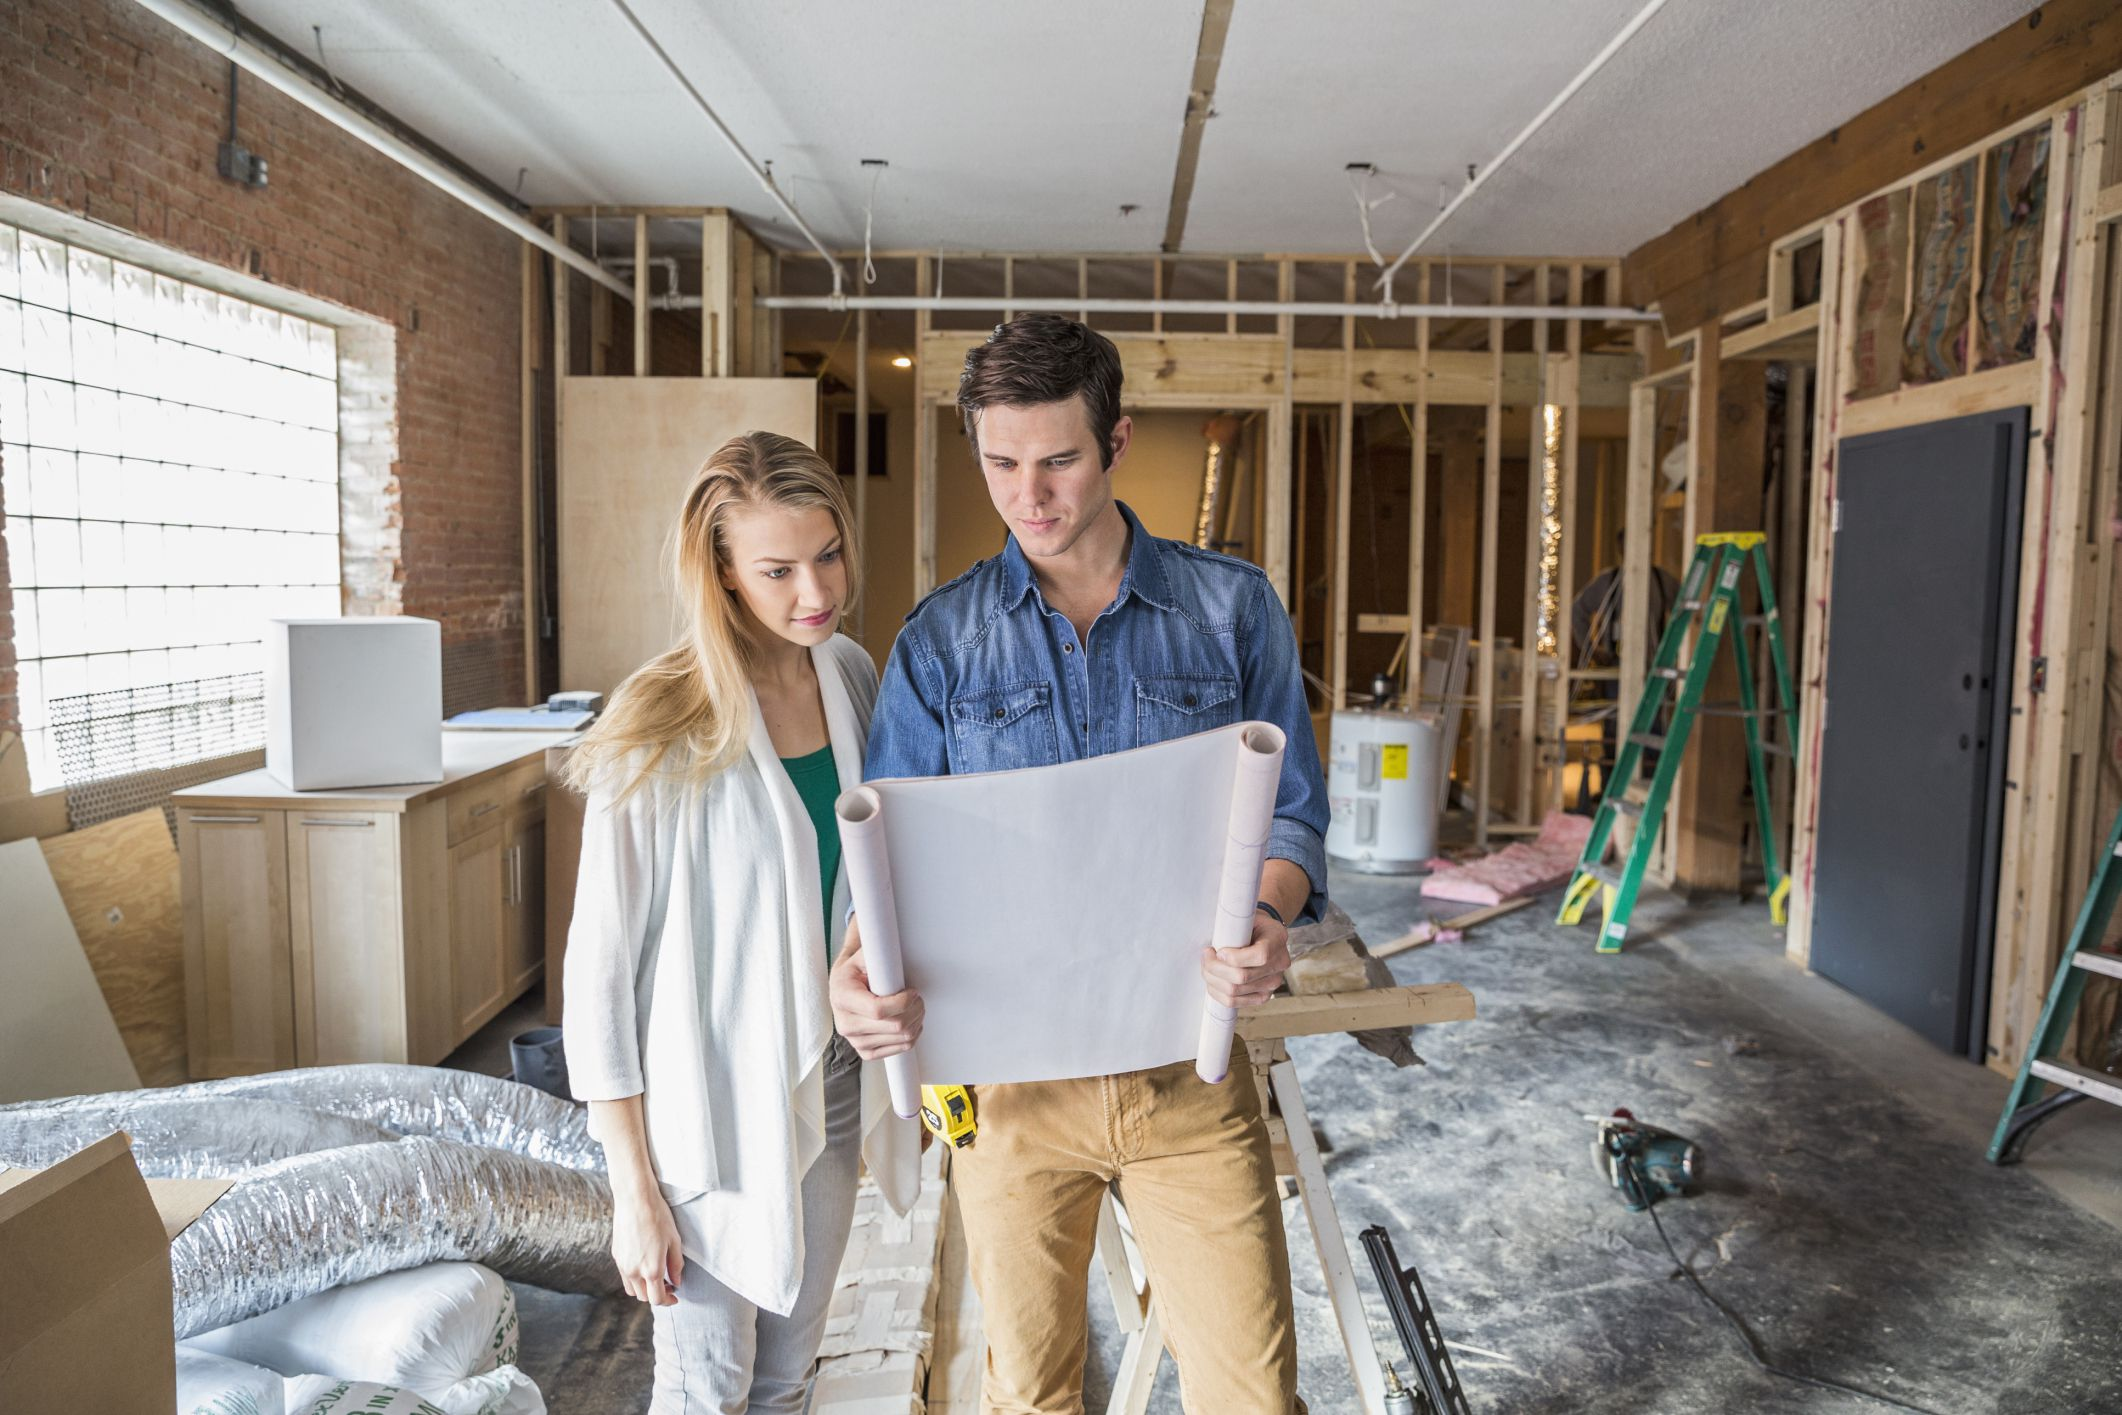 Ristrutturare Un Tetto Quanto Costa bonus casa e incentivi per ristrutturare senza soldi